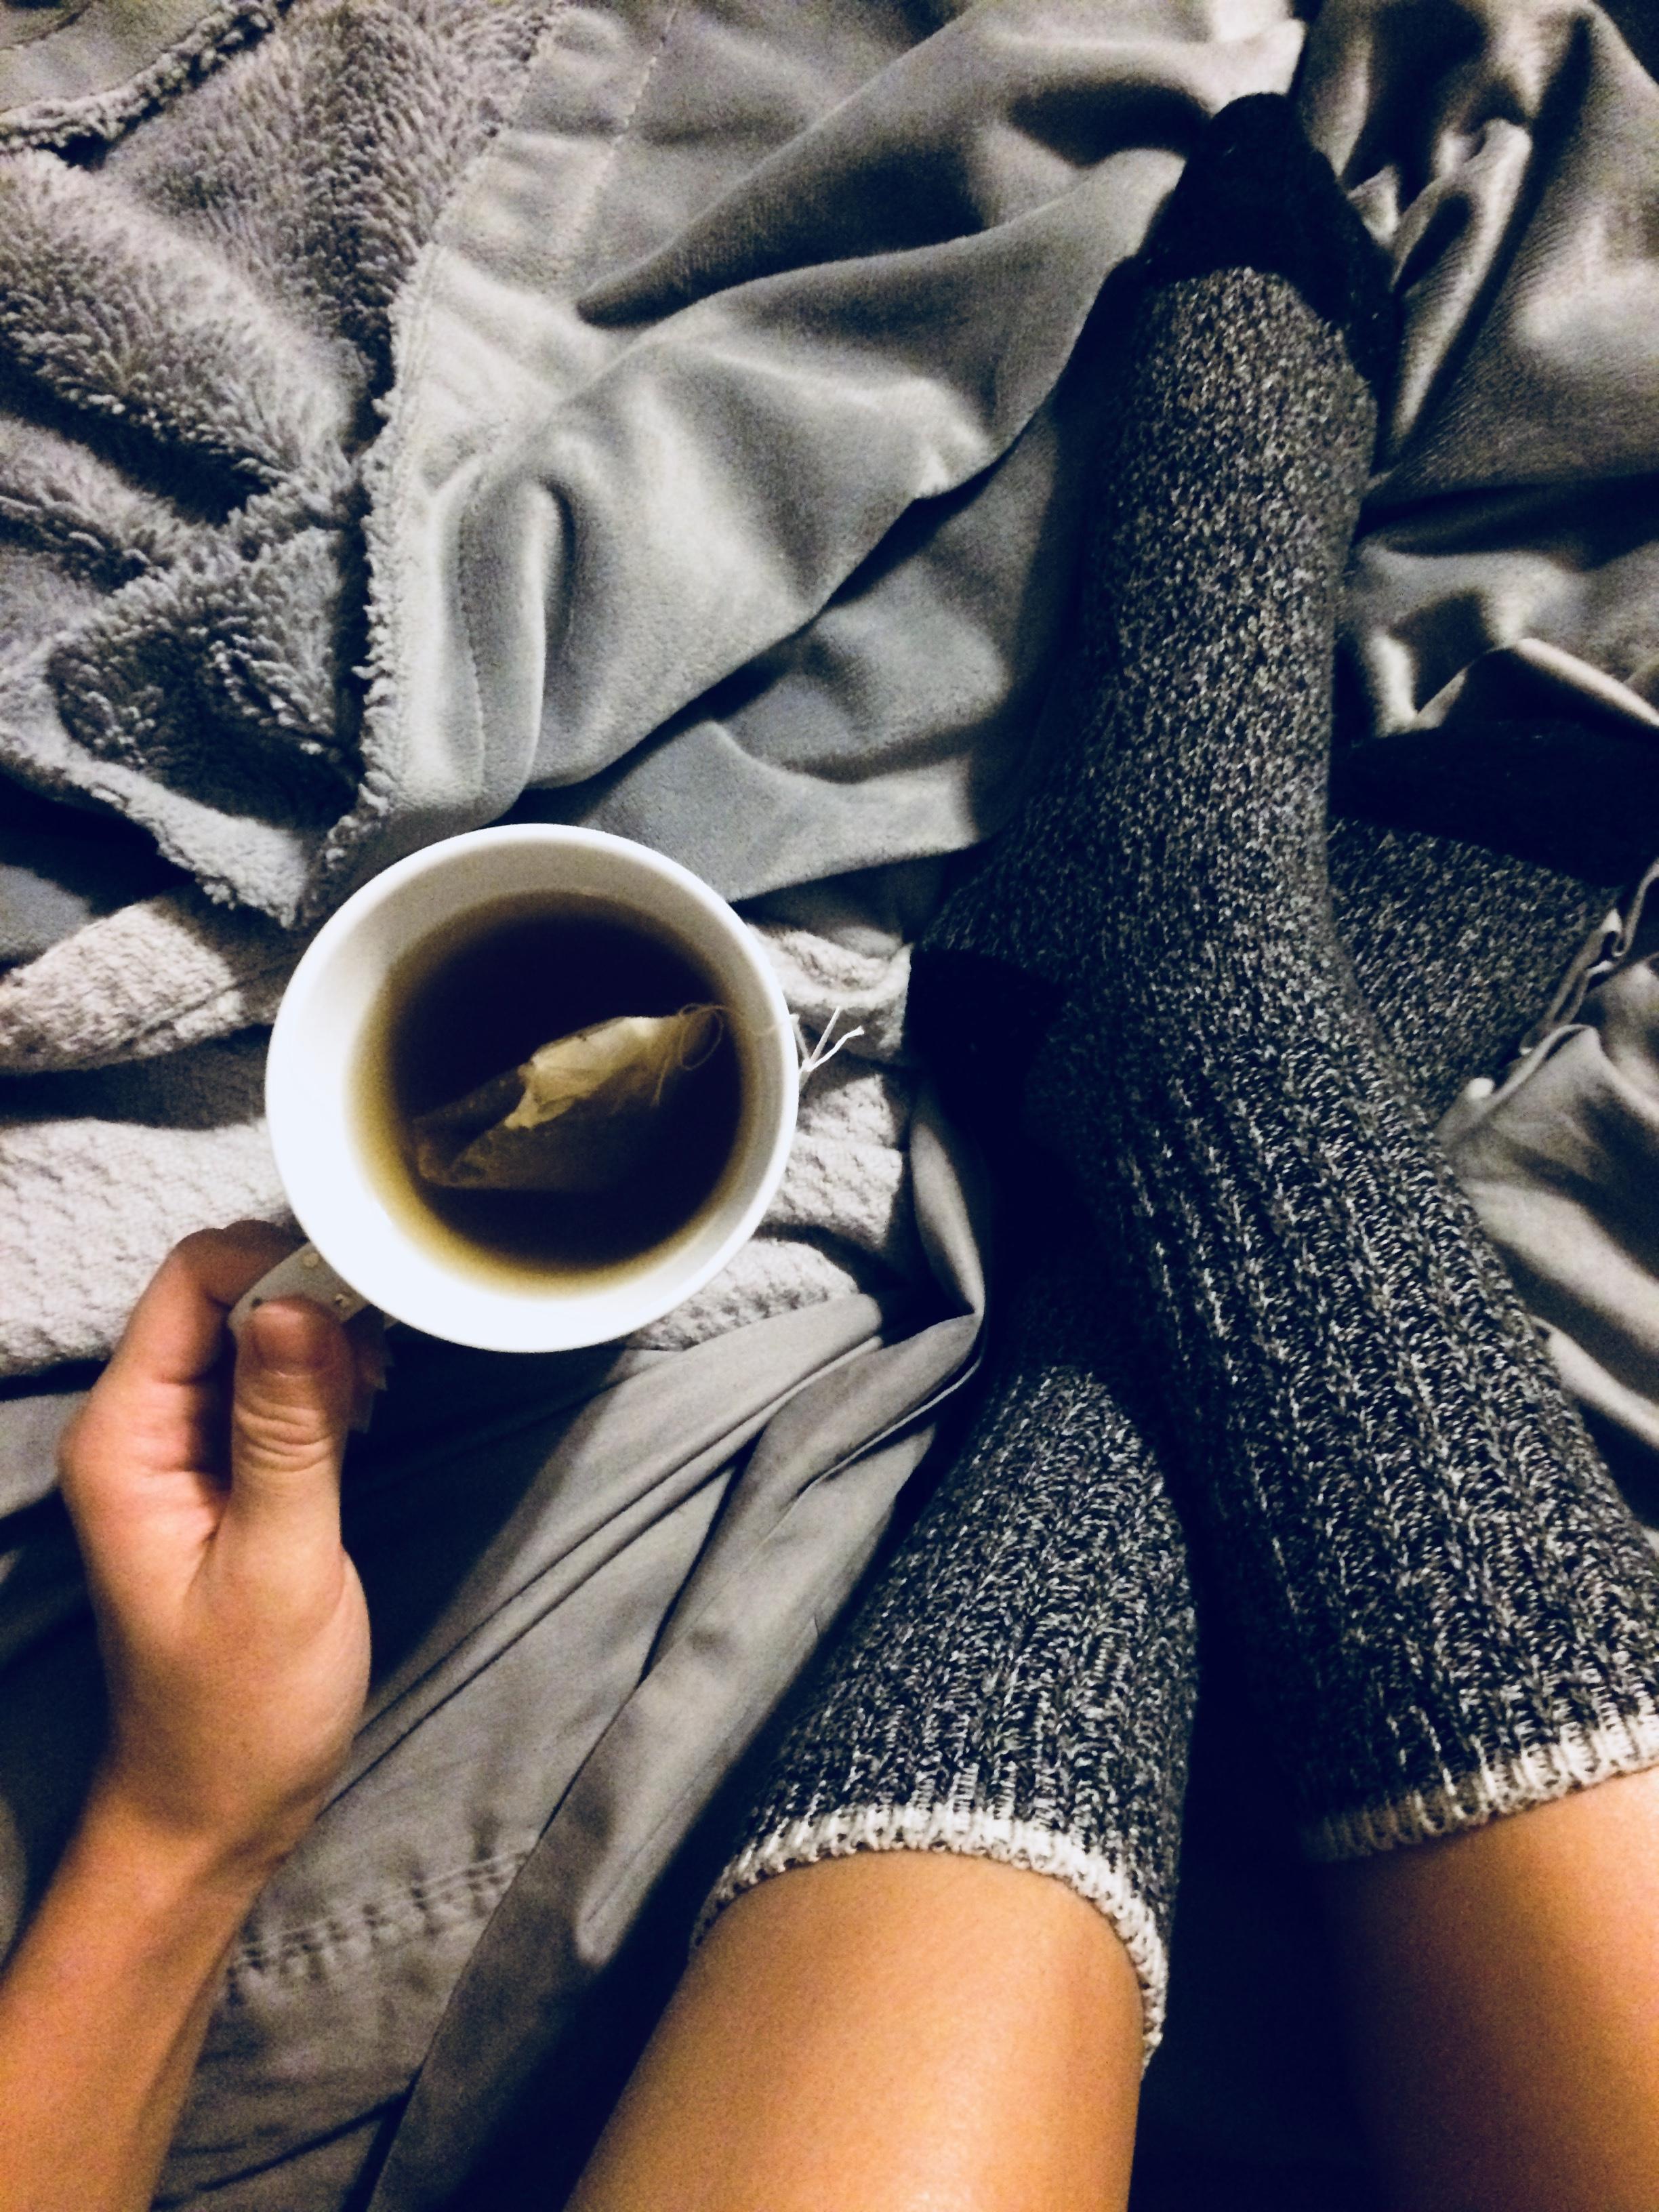 Get cozy &read the blog -